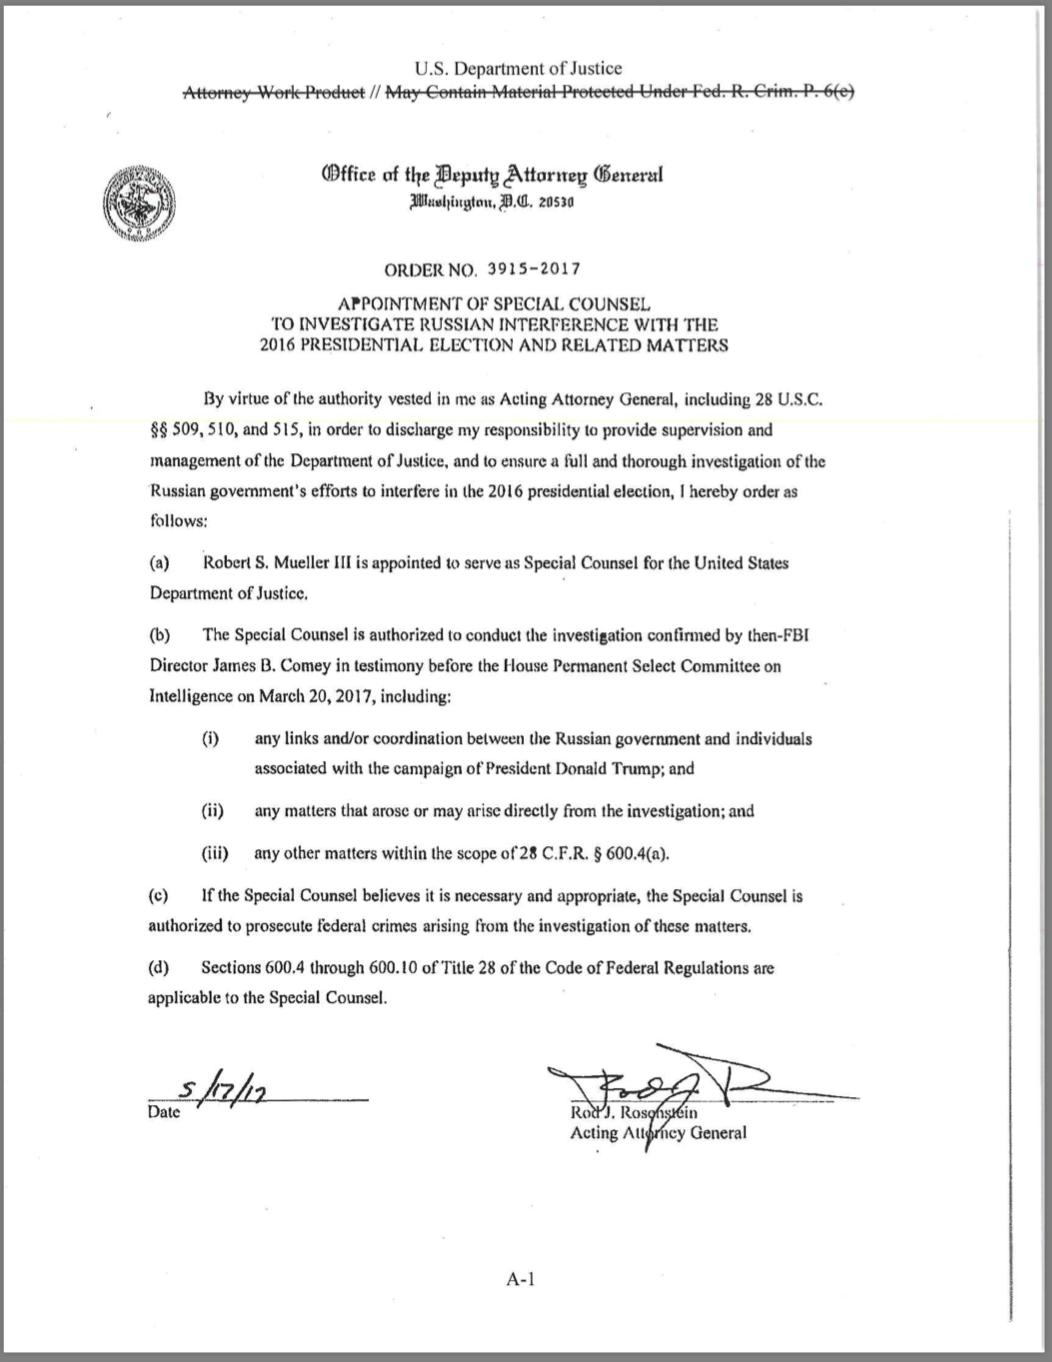 Rosenstein bestellt Mueller am 17.5.2017 zum SC